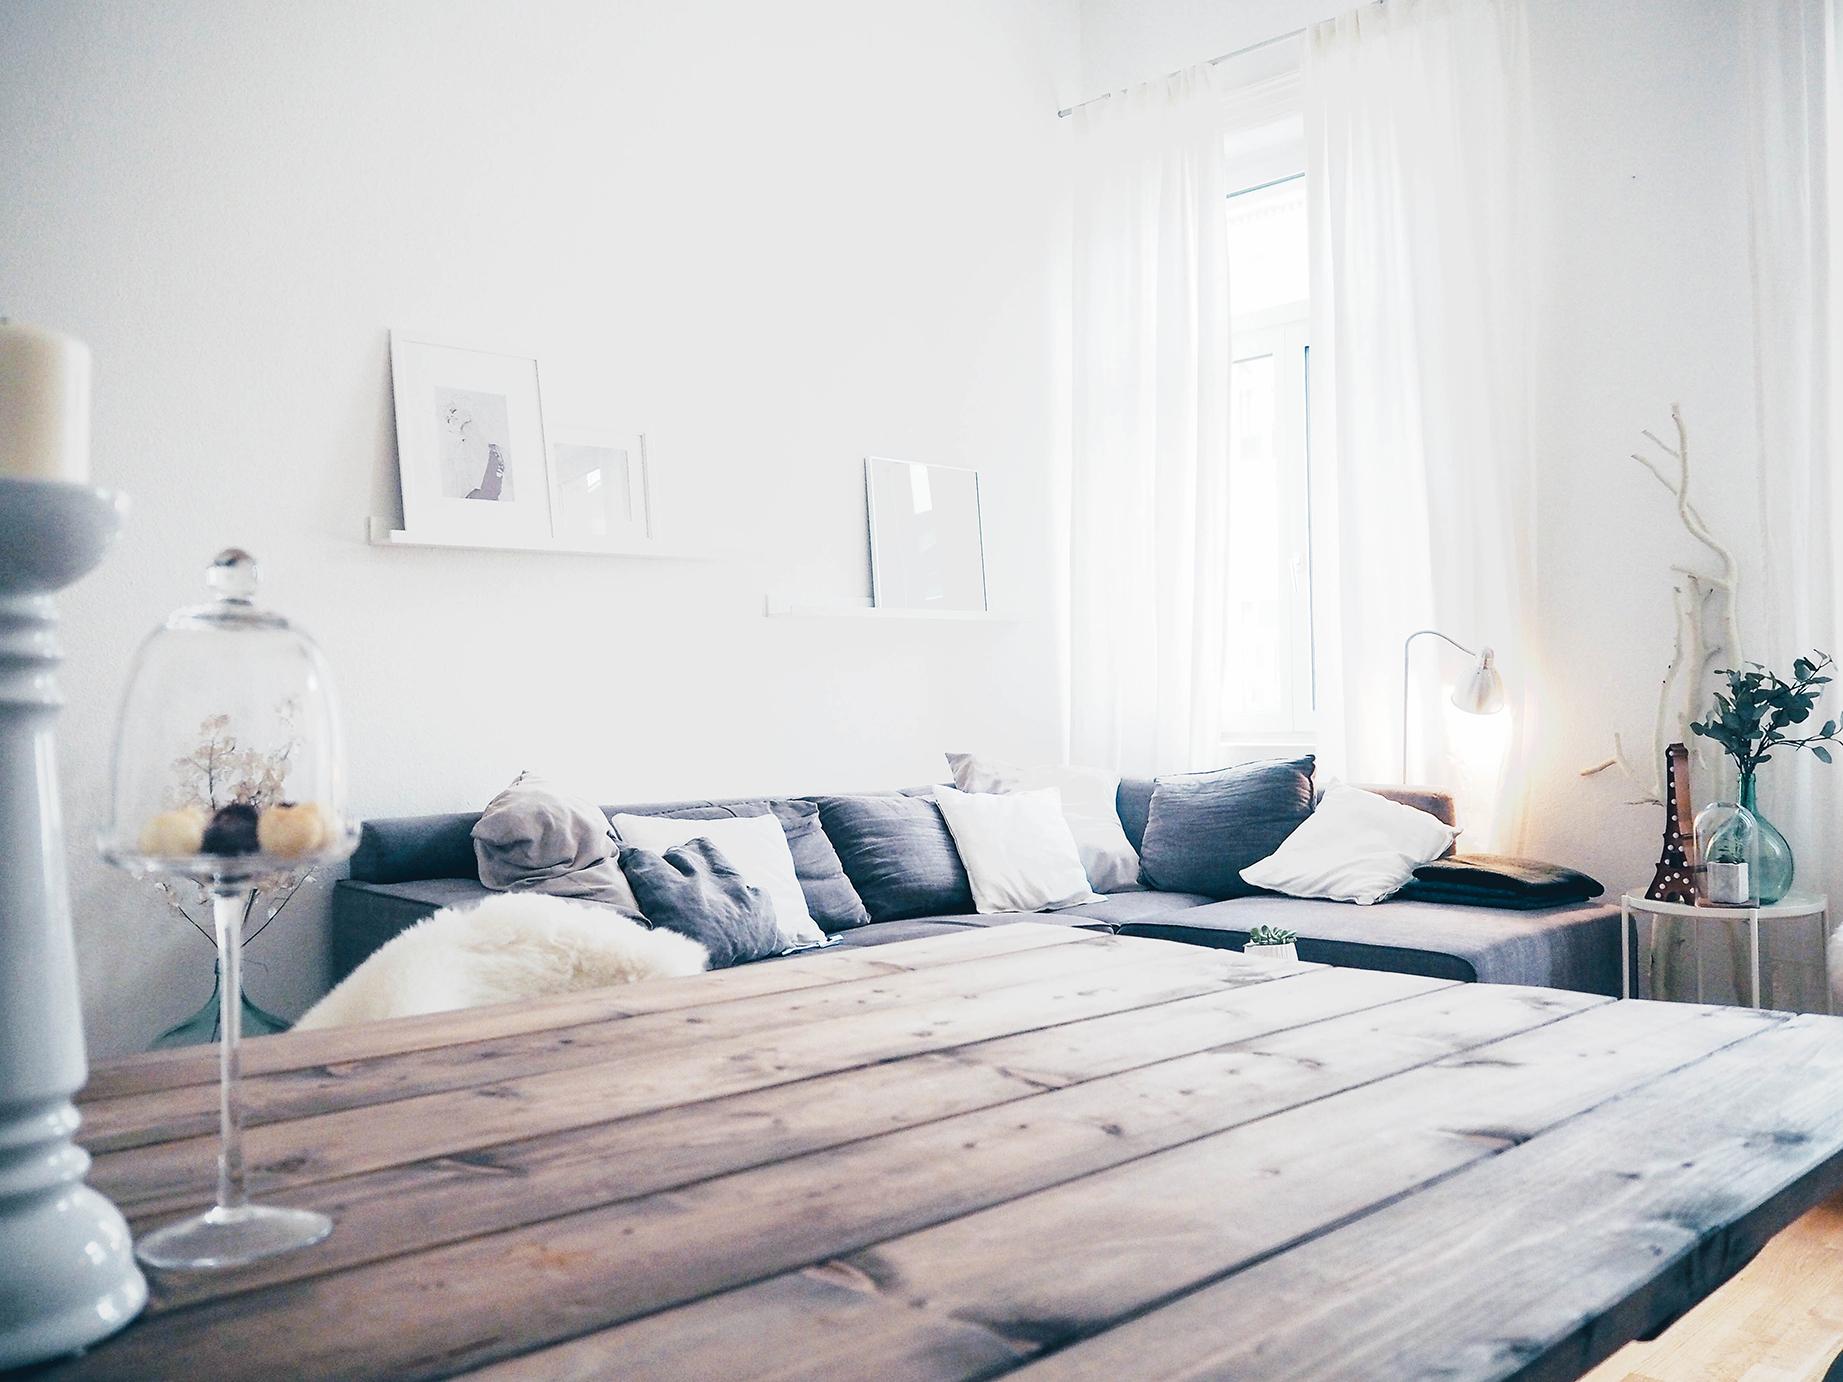 Minimalistisch, klar strukturiert und am liebsten Weiß-Grau: Wohnen wie Kristin